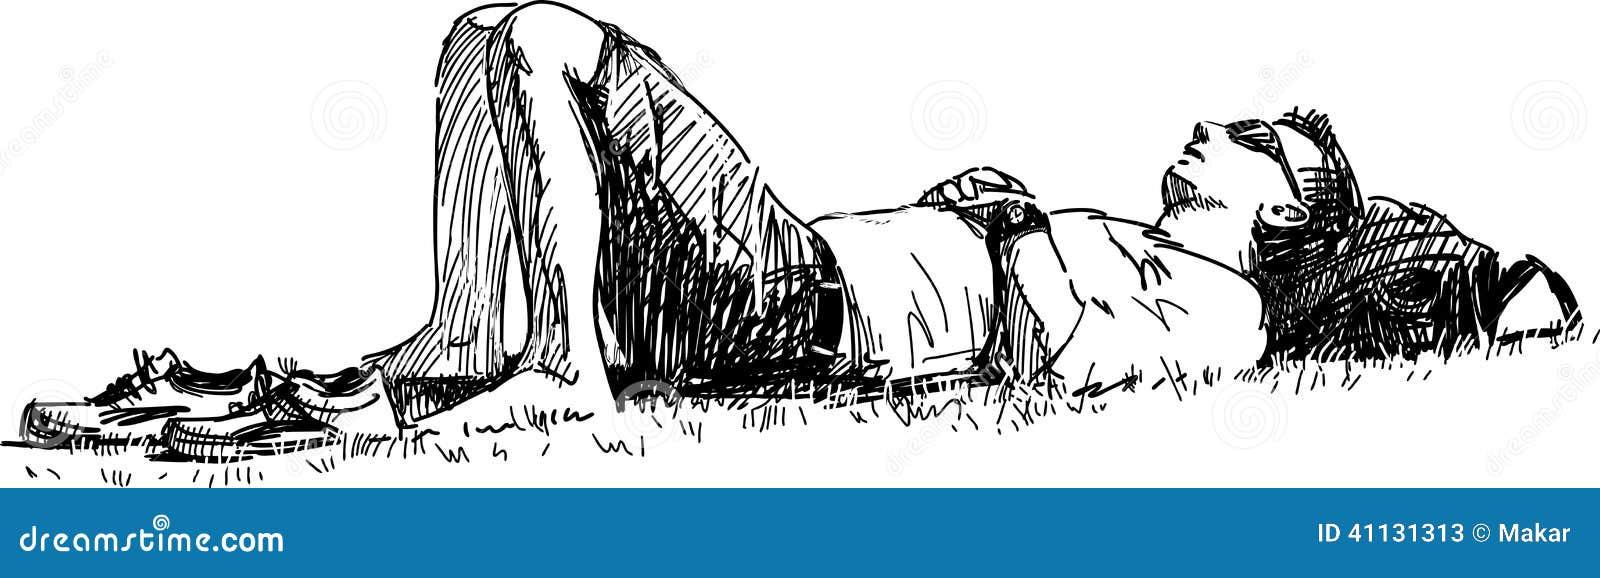 junge,15 und mdchen,16 schlafen in einem bett - elternde